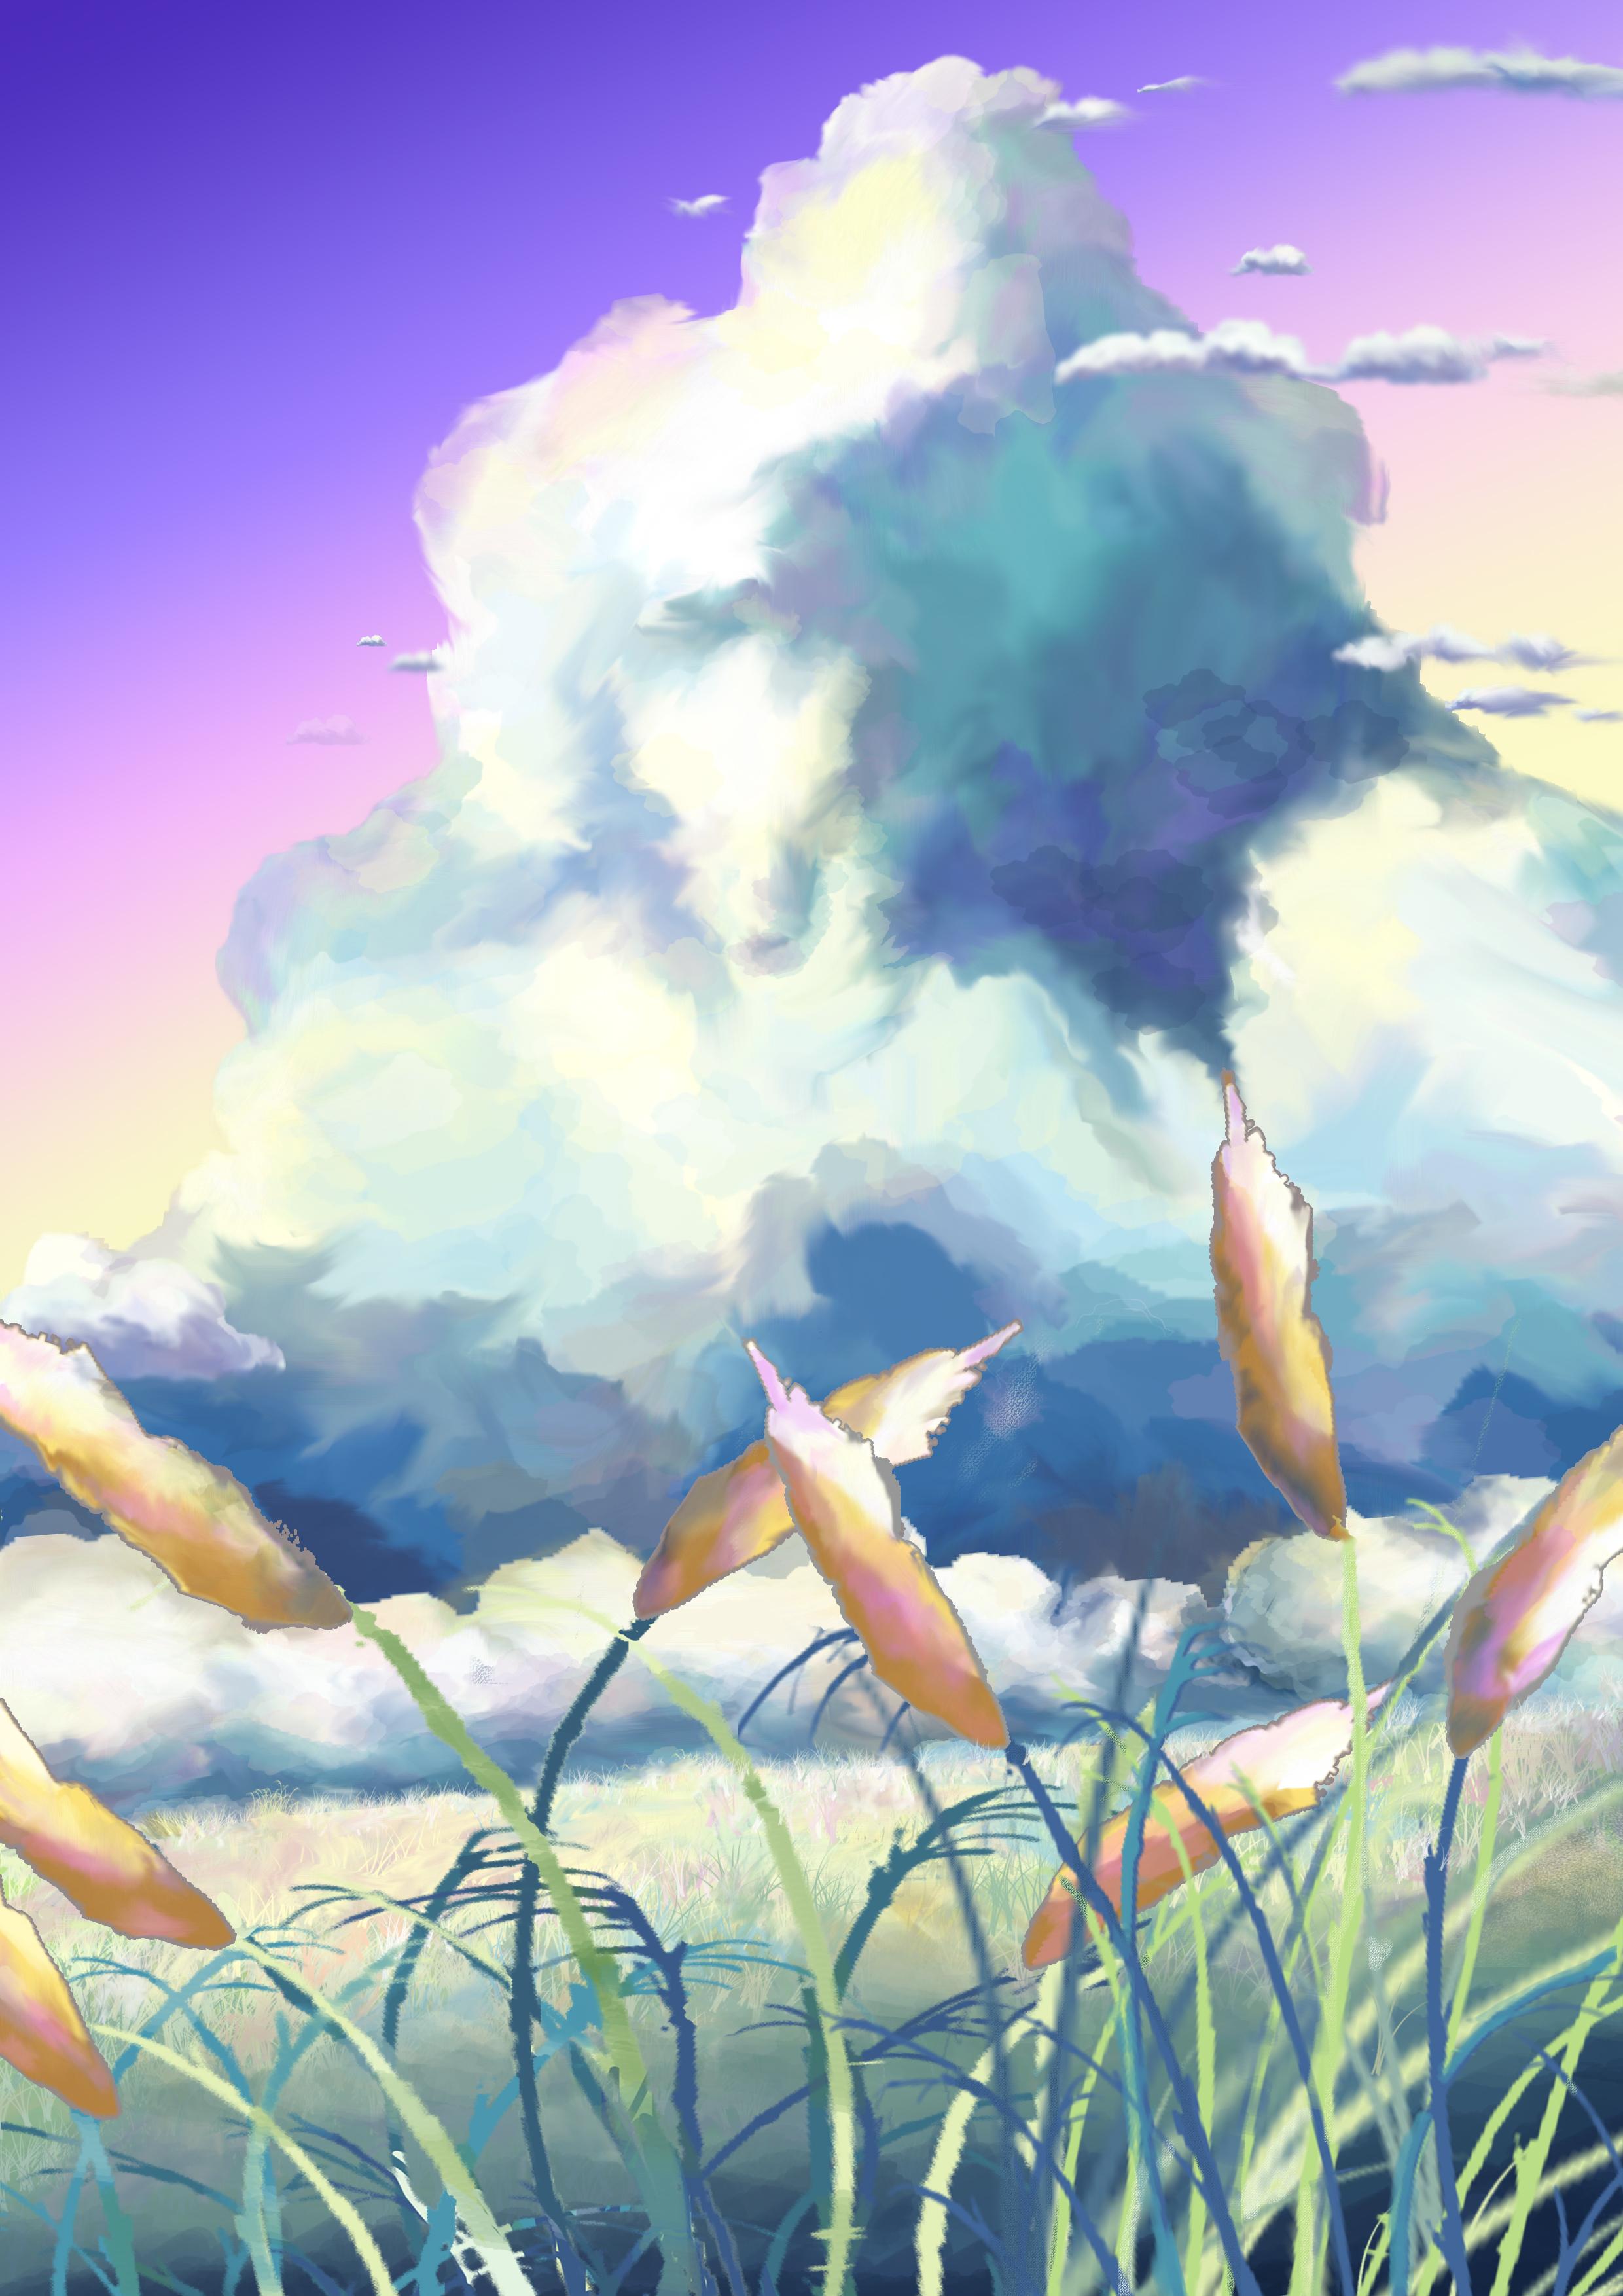 第一次用手绘板画的一个动画场景~也是第一次用电脑画画